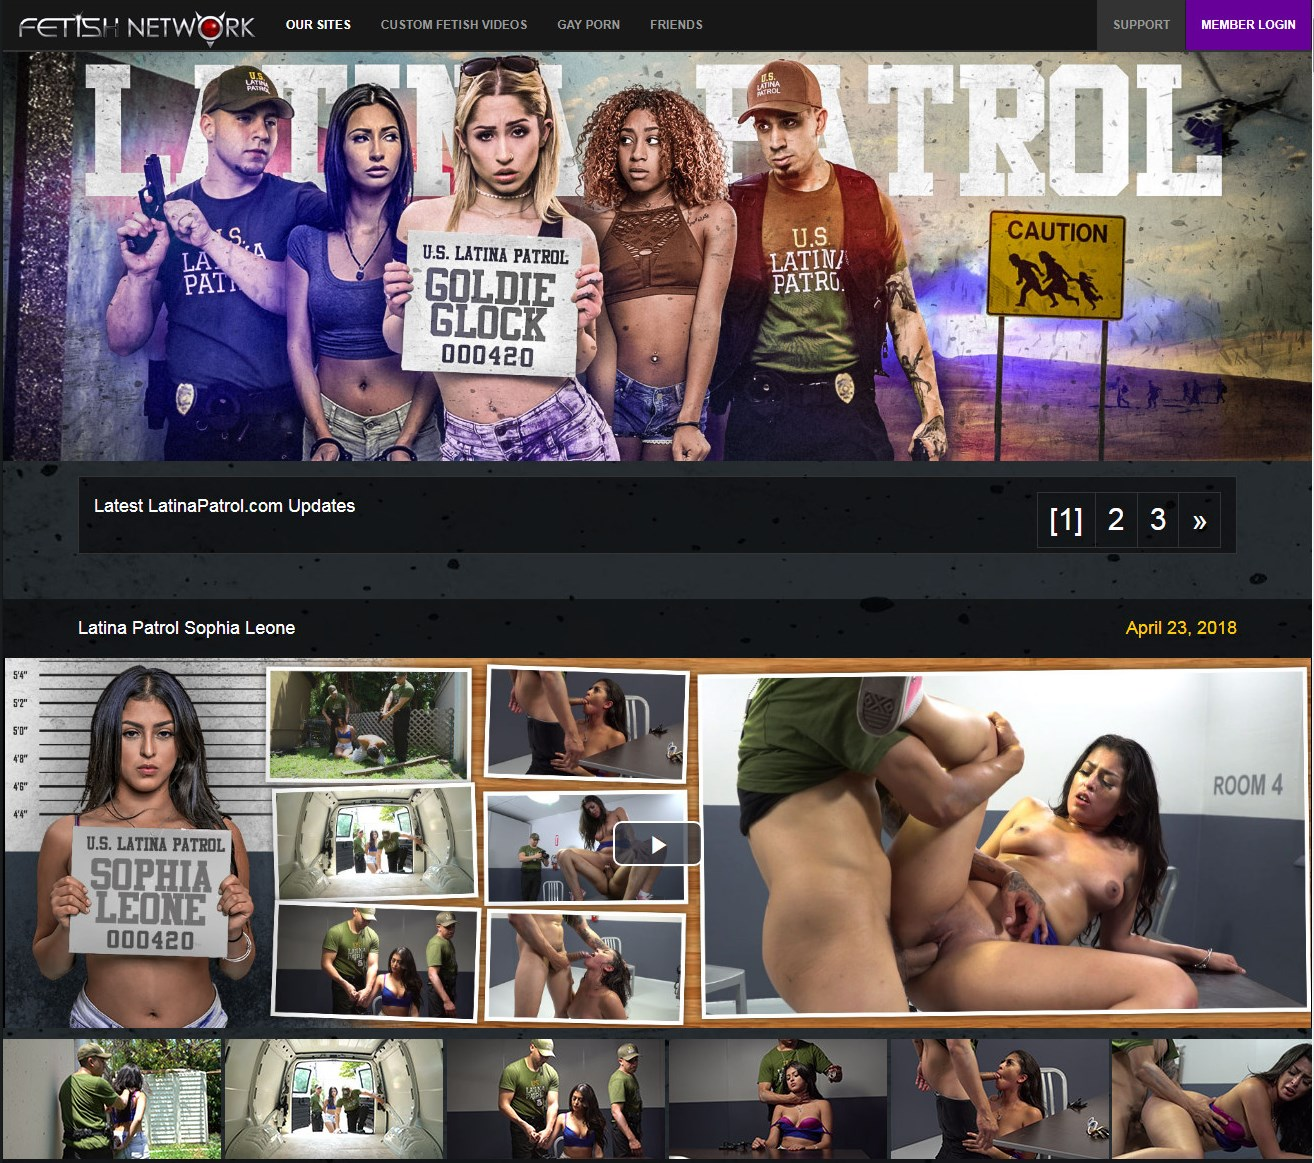 LatinaPatrol.com SITERIP - all 8 videos